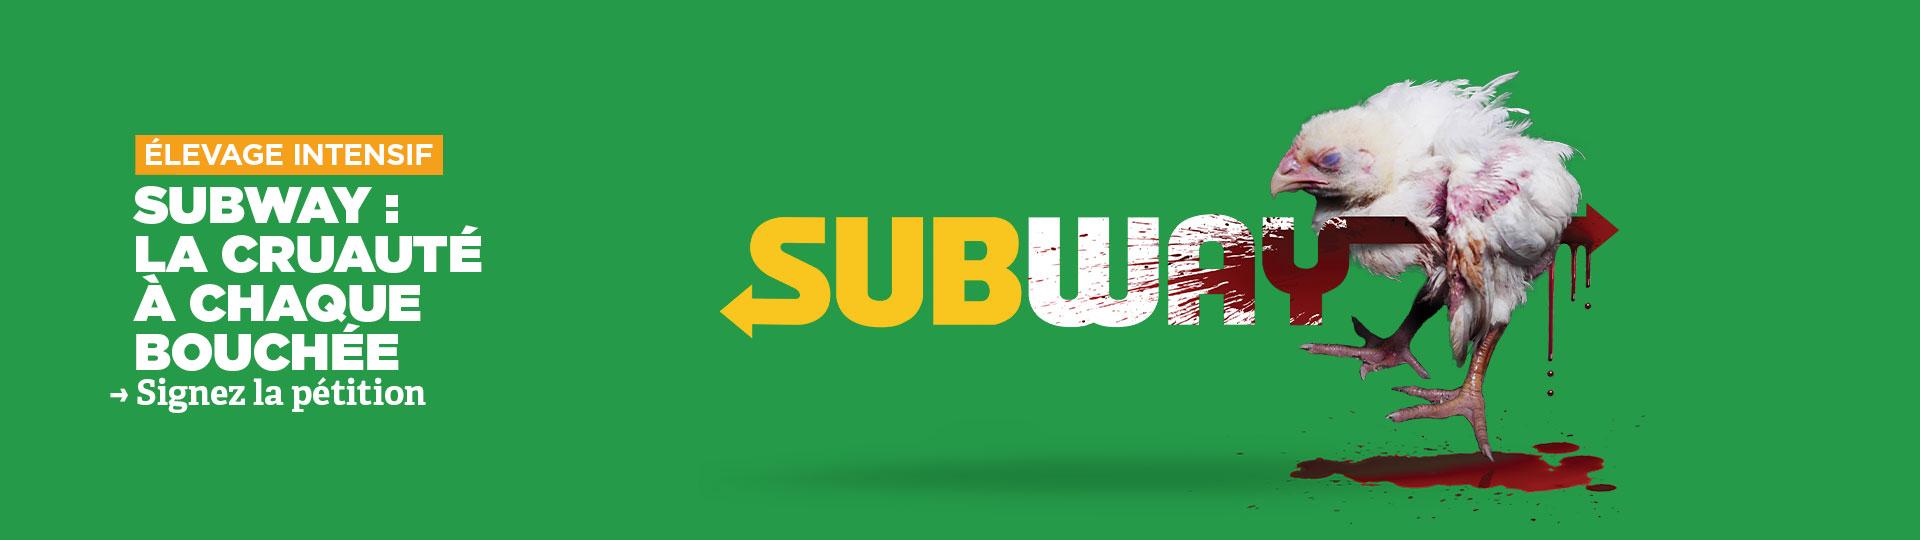 Lancement d'une campagne d'ampleur adressée à Subway